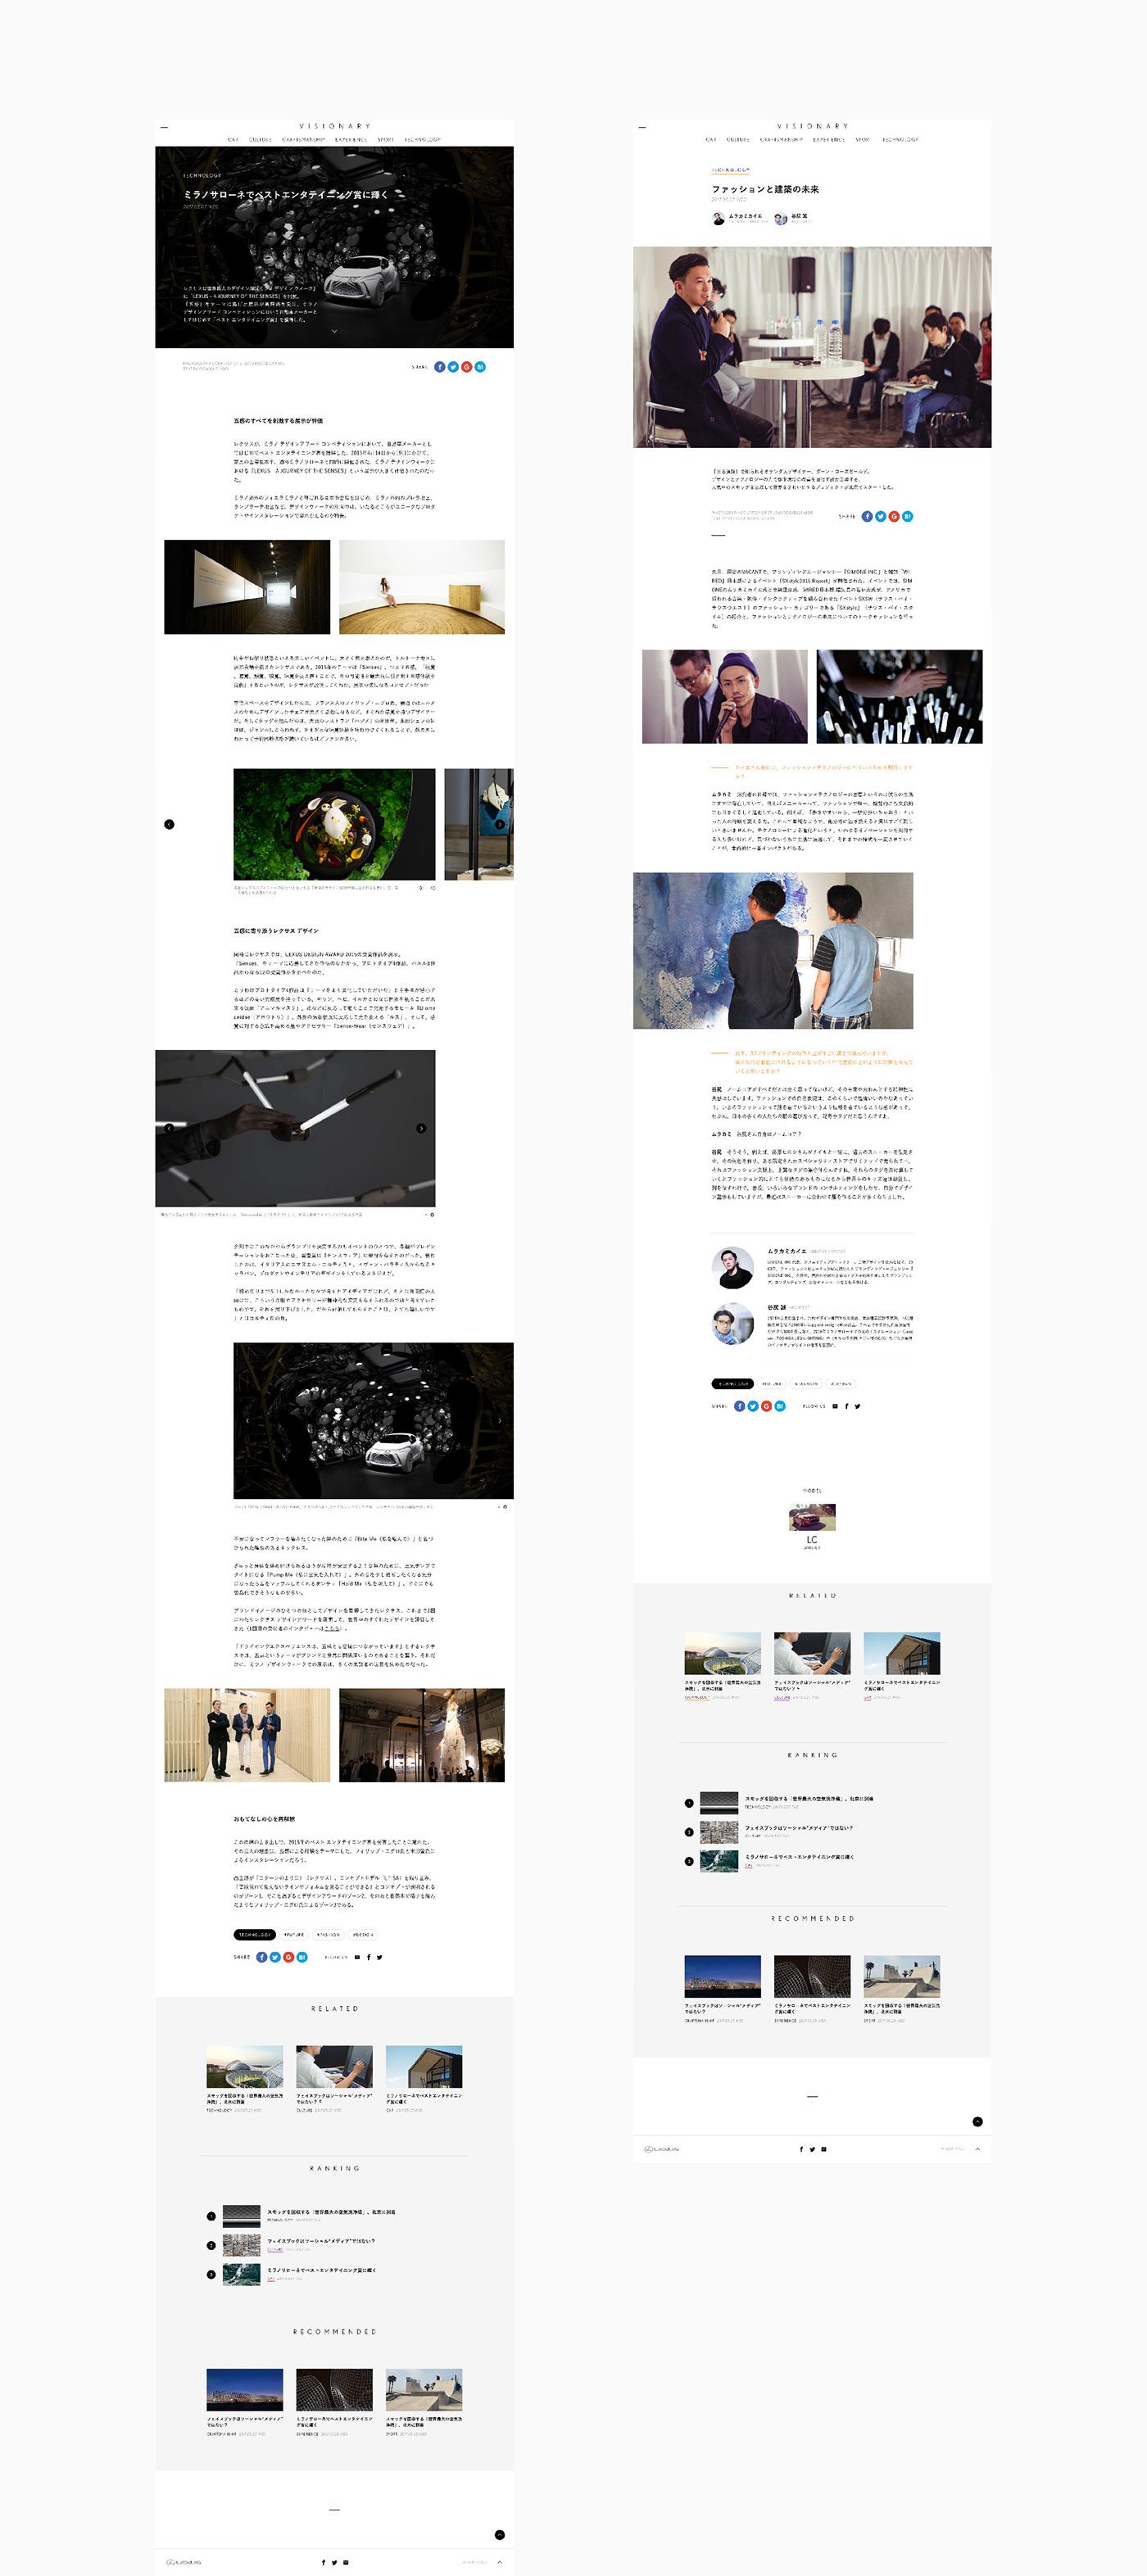 Image may contain: screenshot, abstract and print